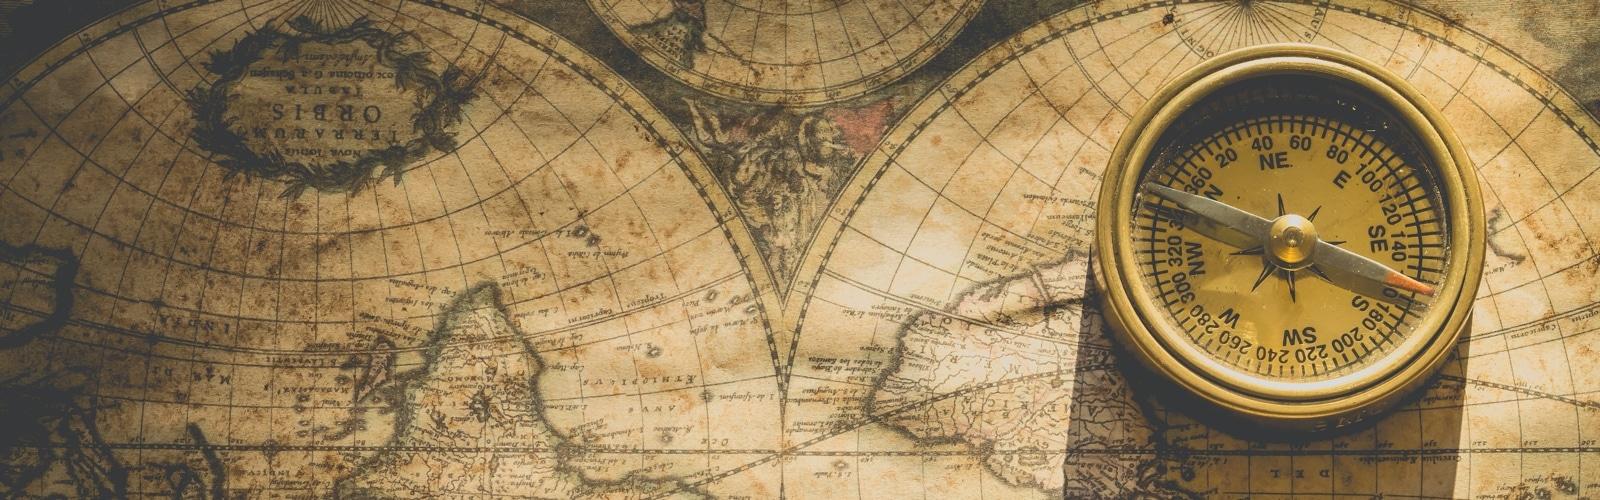 Podcast 51: Kompetencje ważne w kryzysie z Tomaszem Gordonem